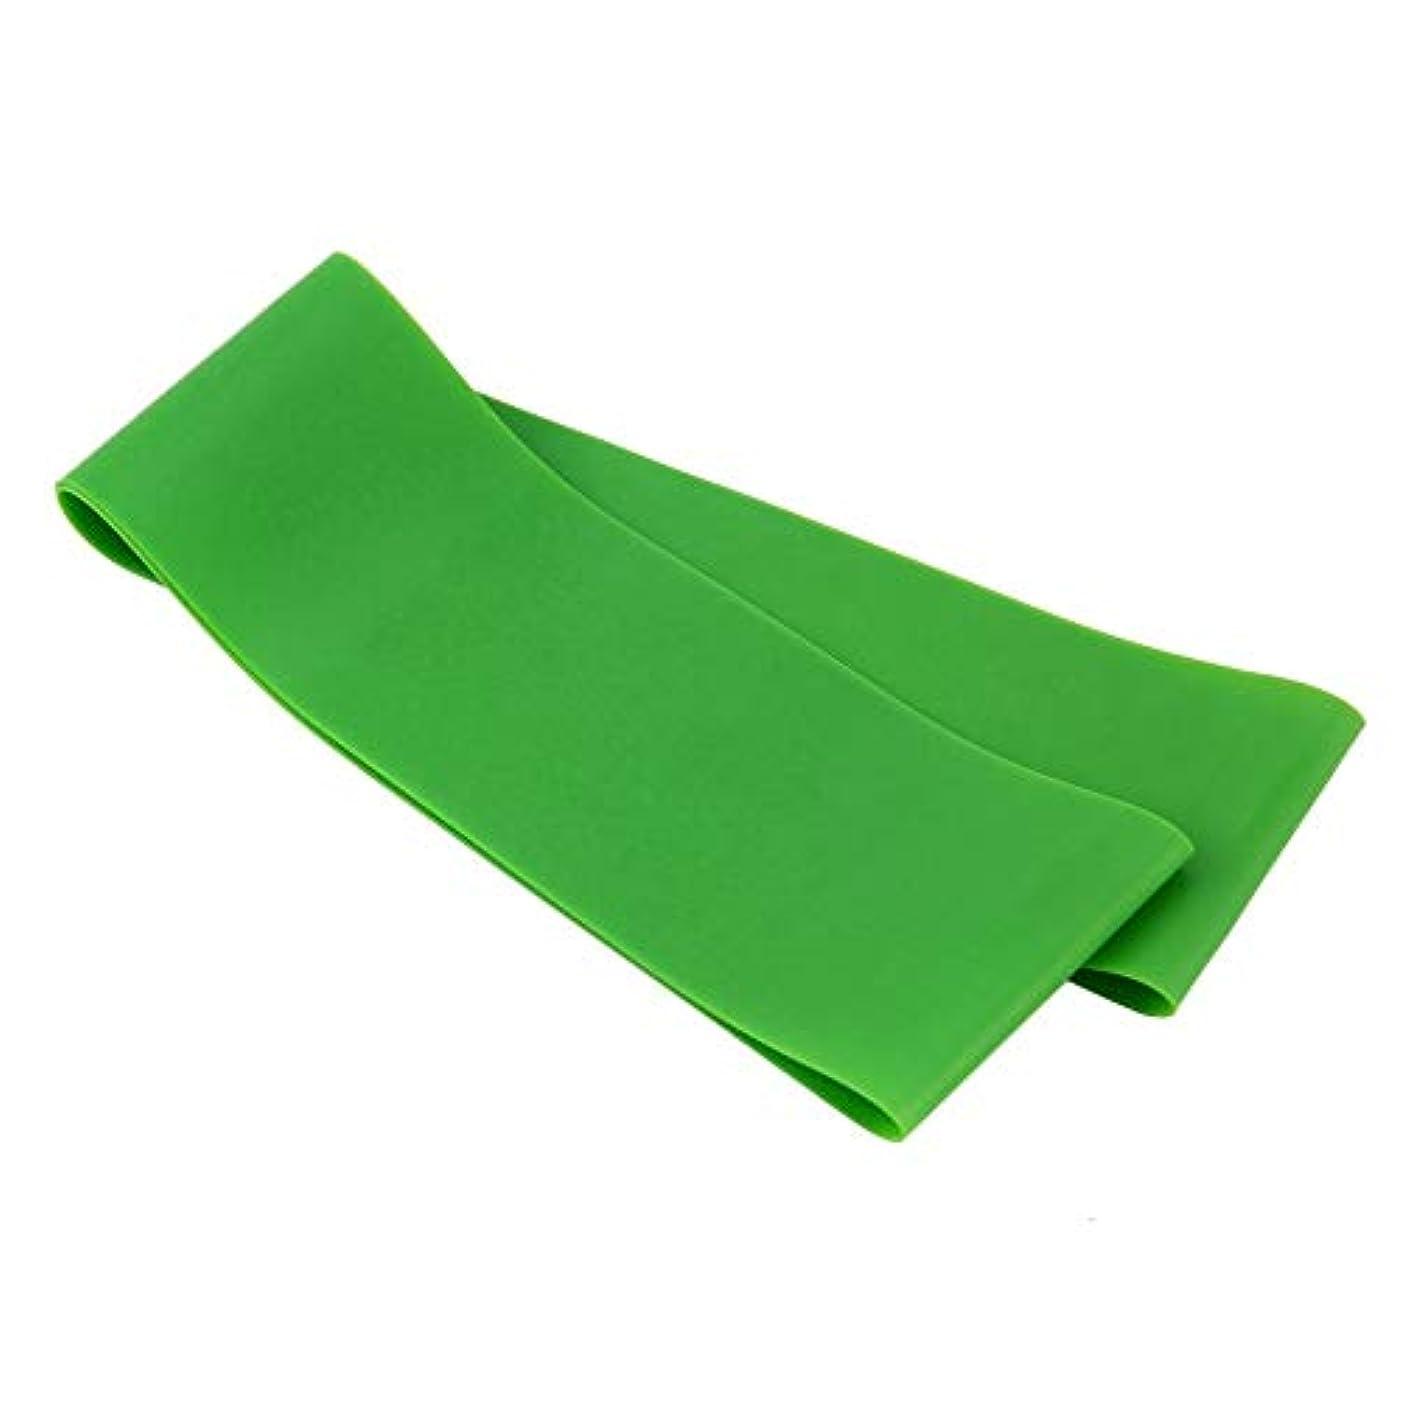 キャンベラ到着れんが滑り止め伸縮性ゴム弾性ヨガベルトバンドプルロープ張力抵抗バンドループ強度のためのフィットネスヨガツール - グリーン